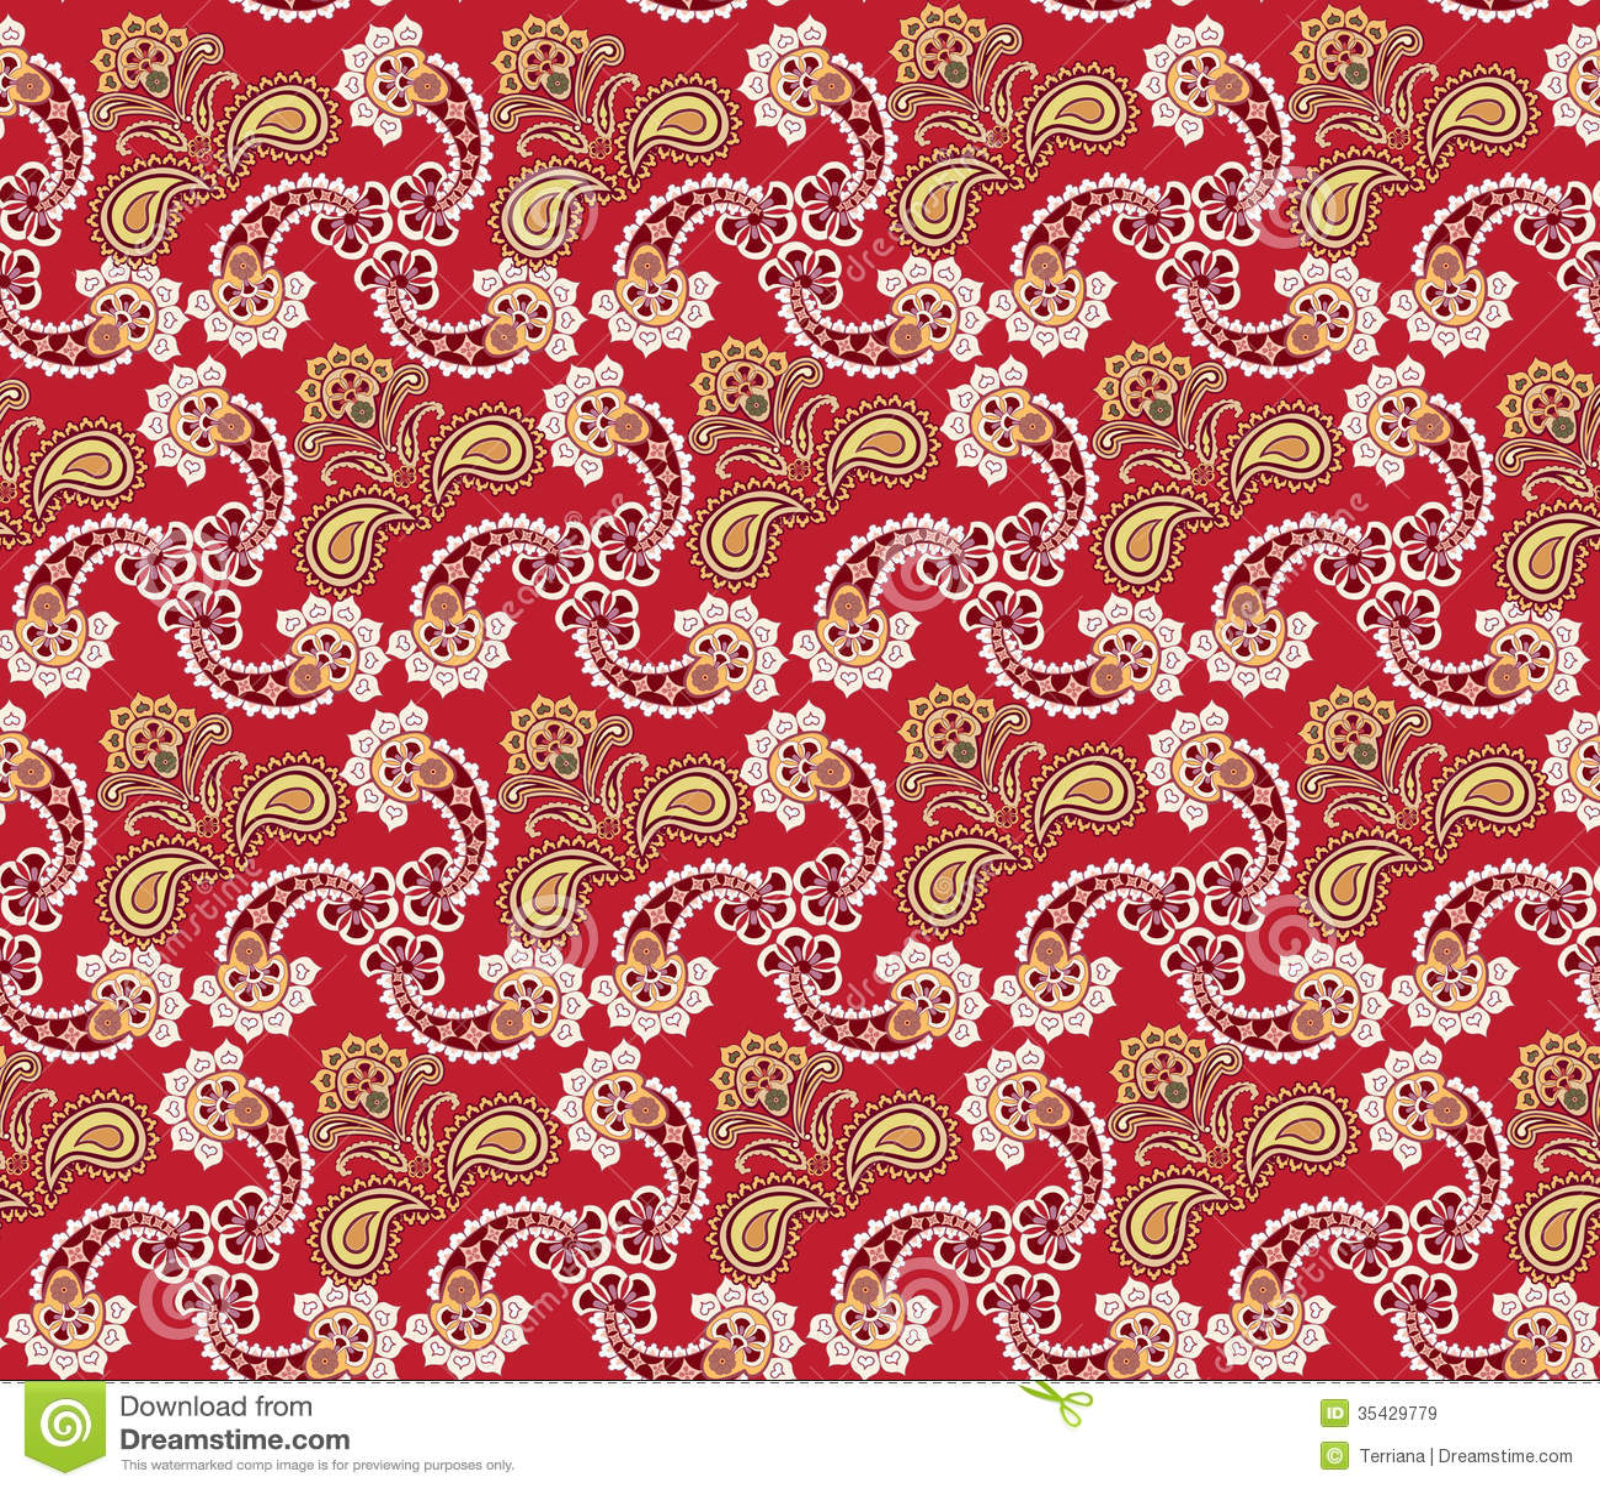 pattern royalty background patterns - photo #44